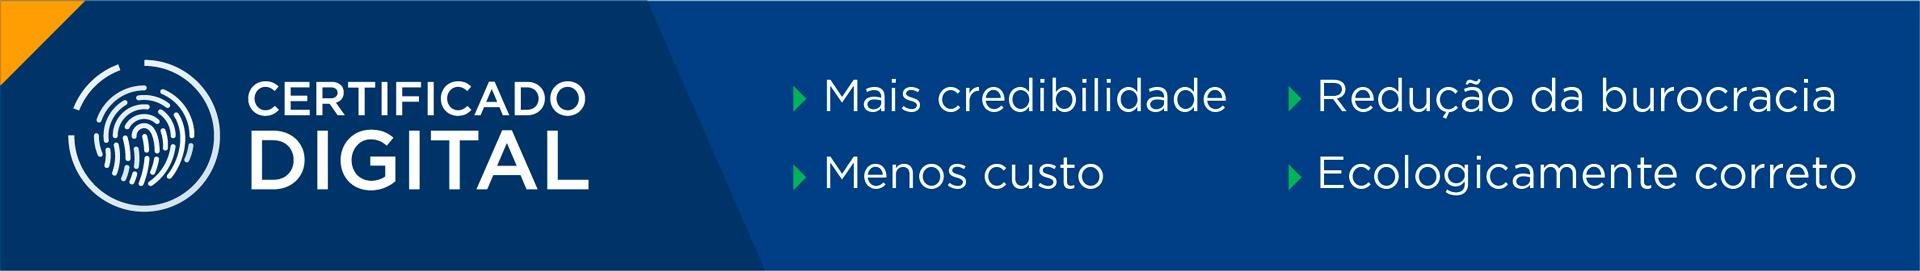 Certificado digital: Mais credibilidade, menos custos, redução da burocracia e ecologicamente correto.